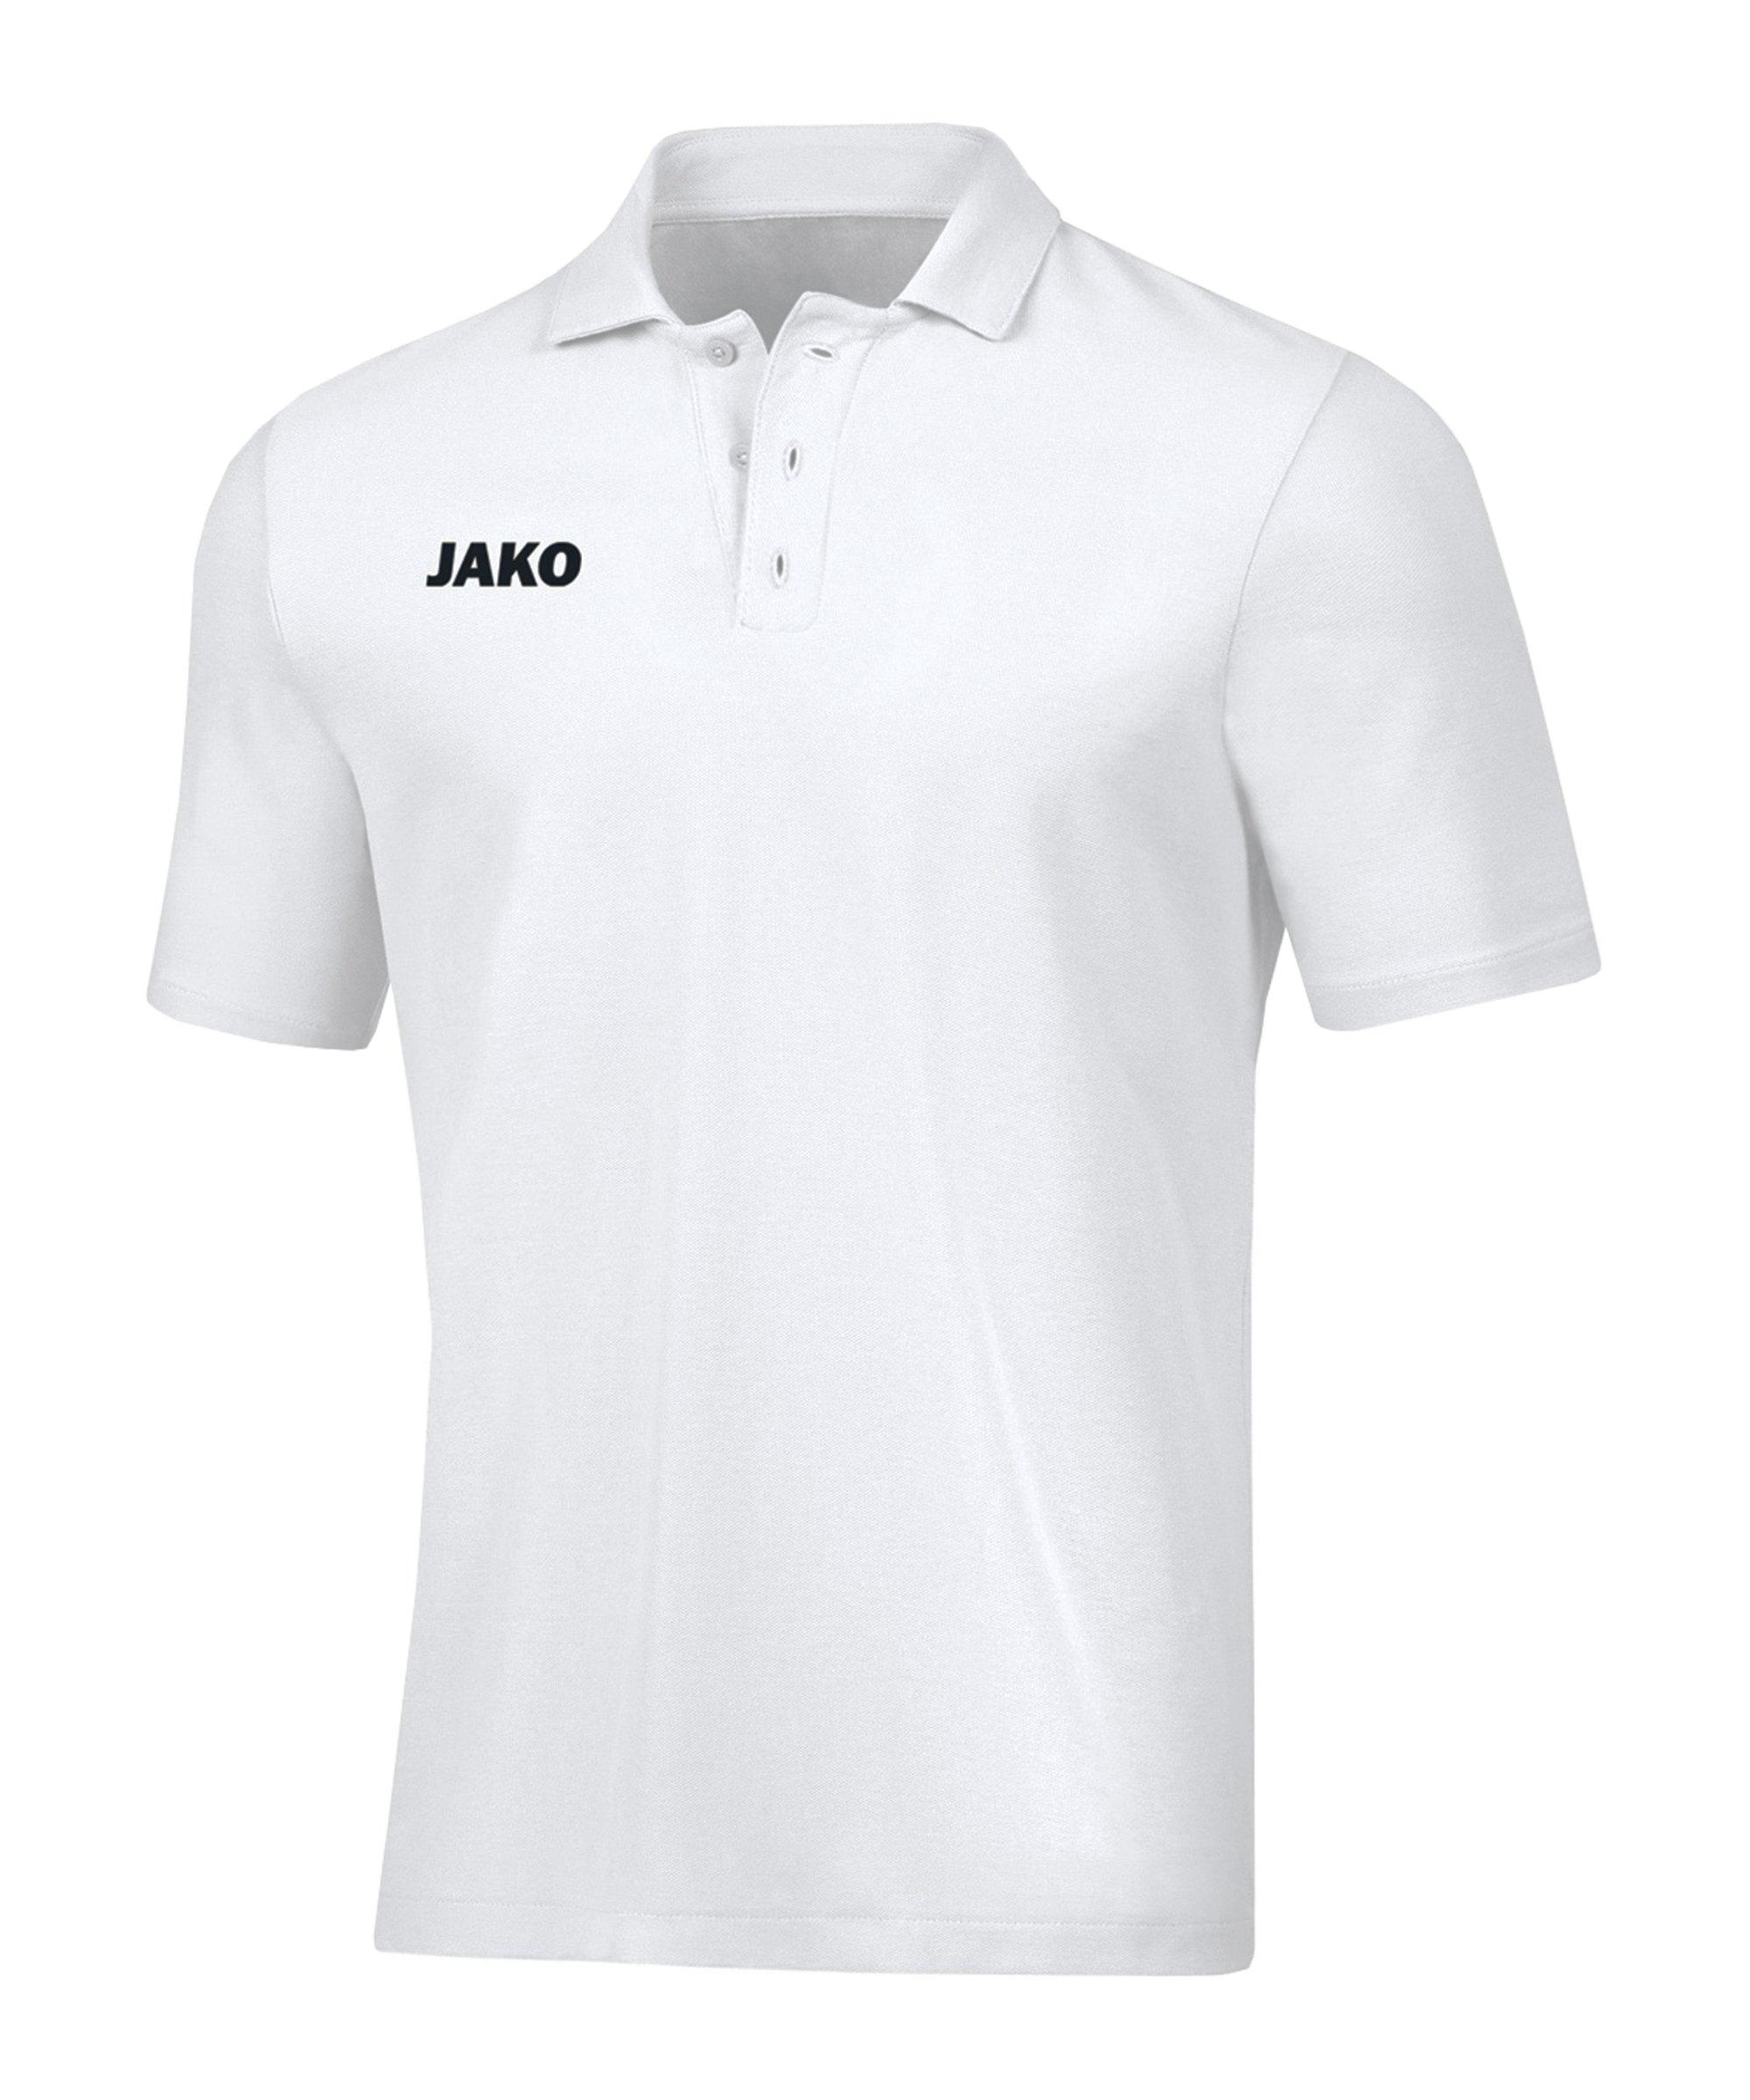 JAKO Base Poloshirt Kids Weiss F00 - weiss